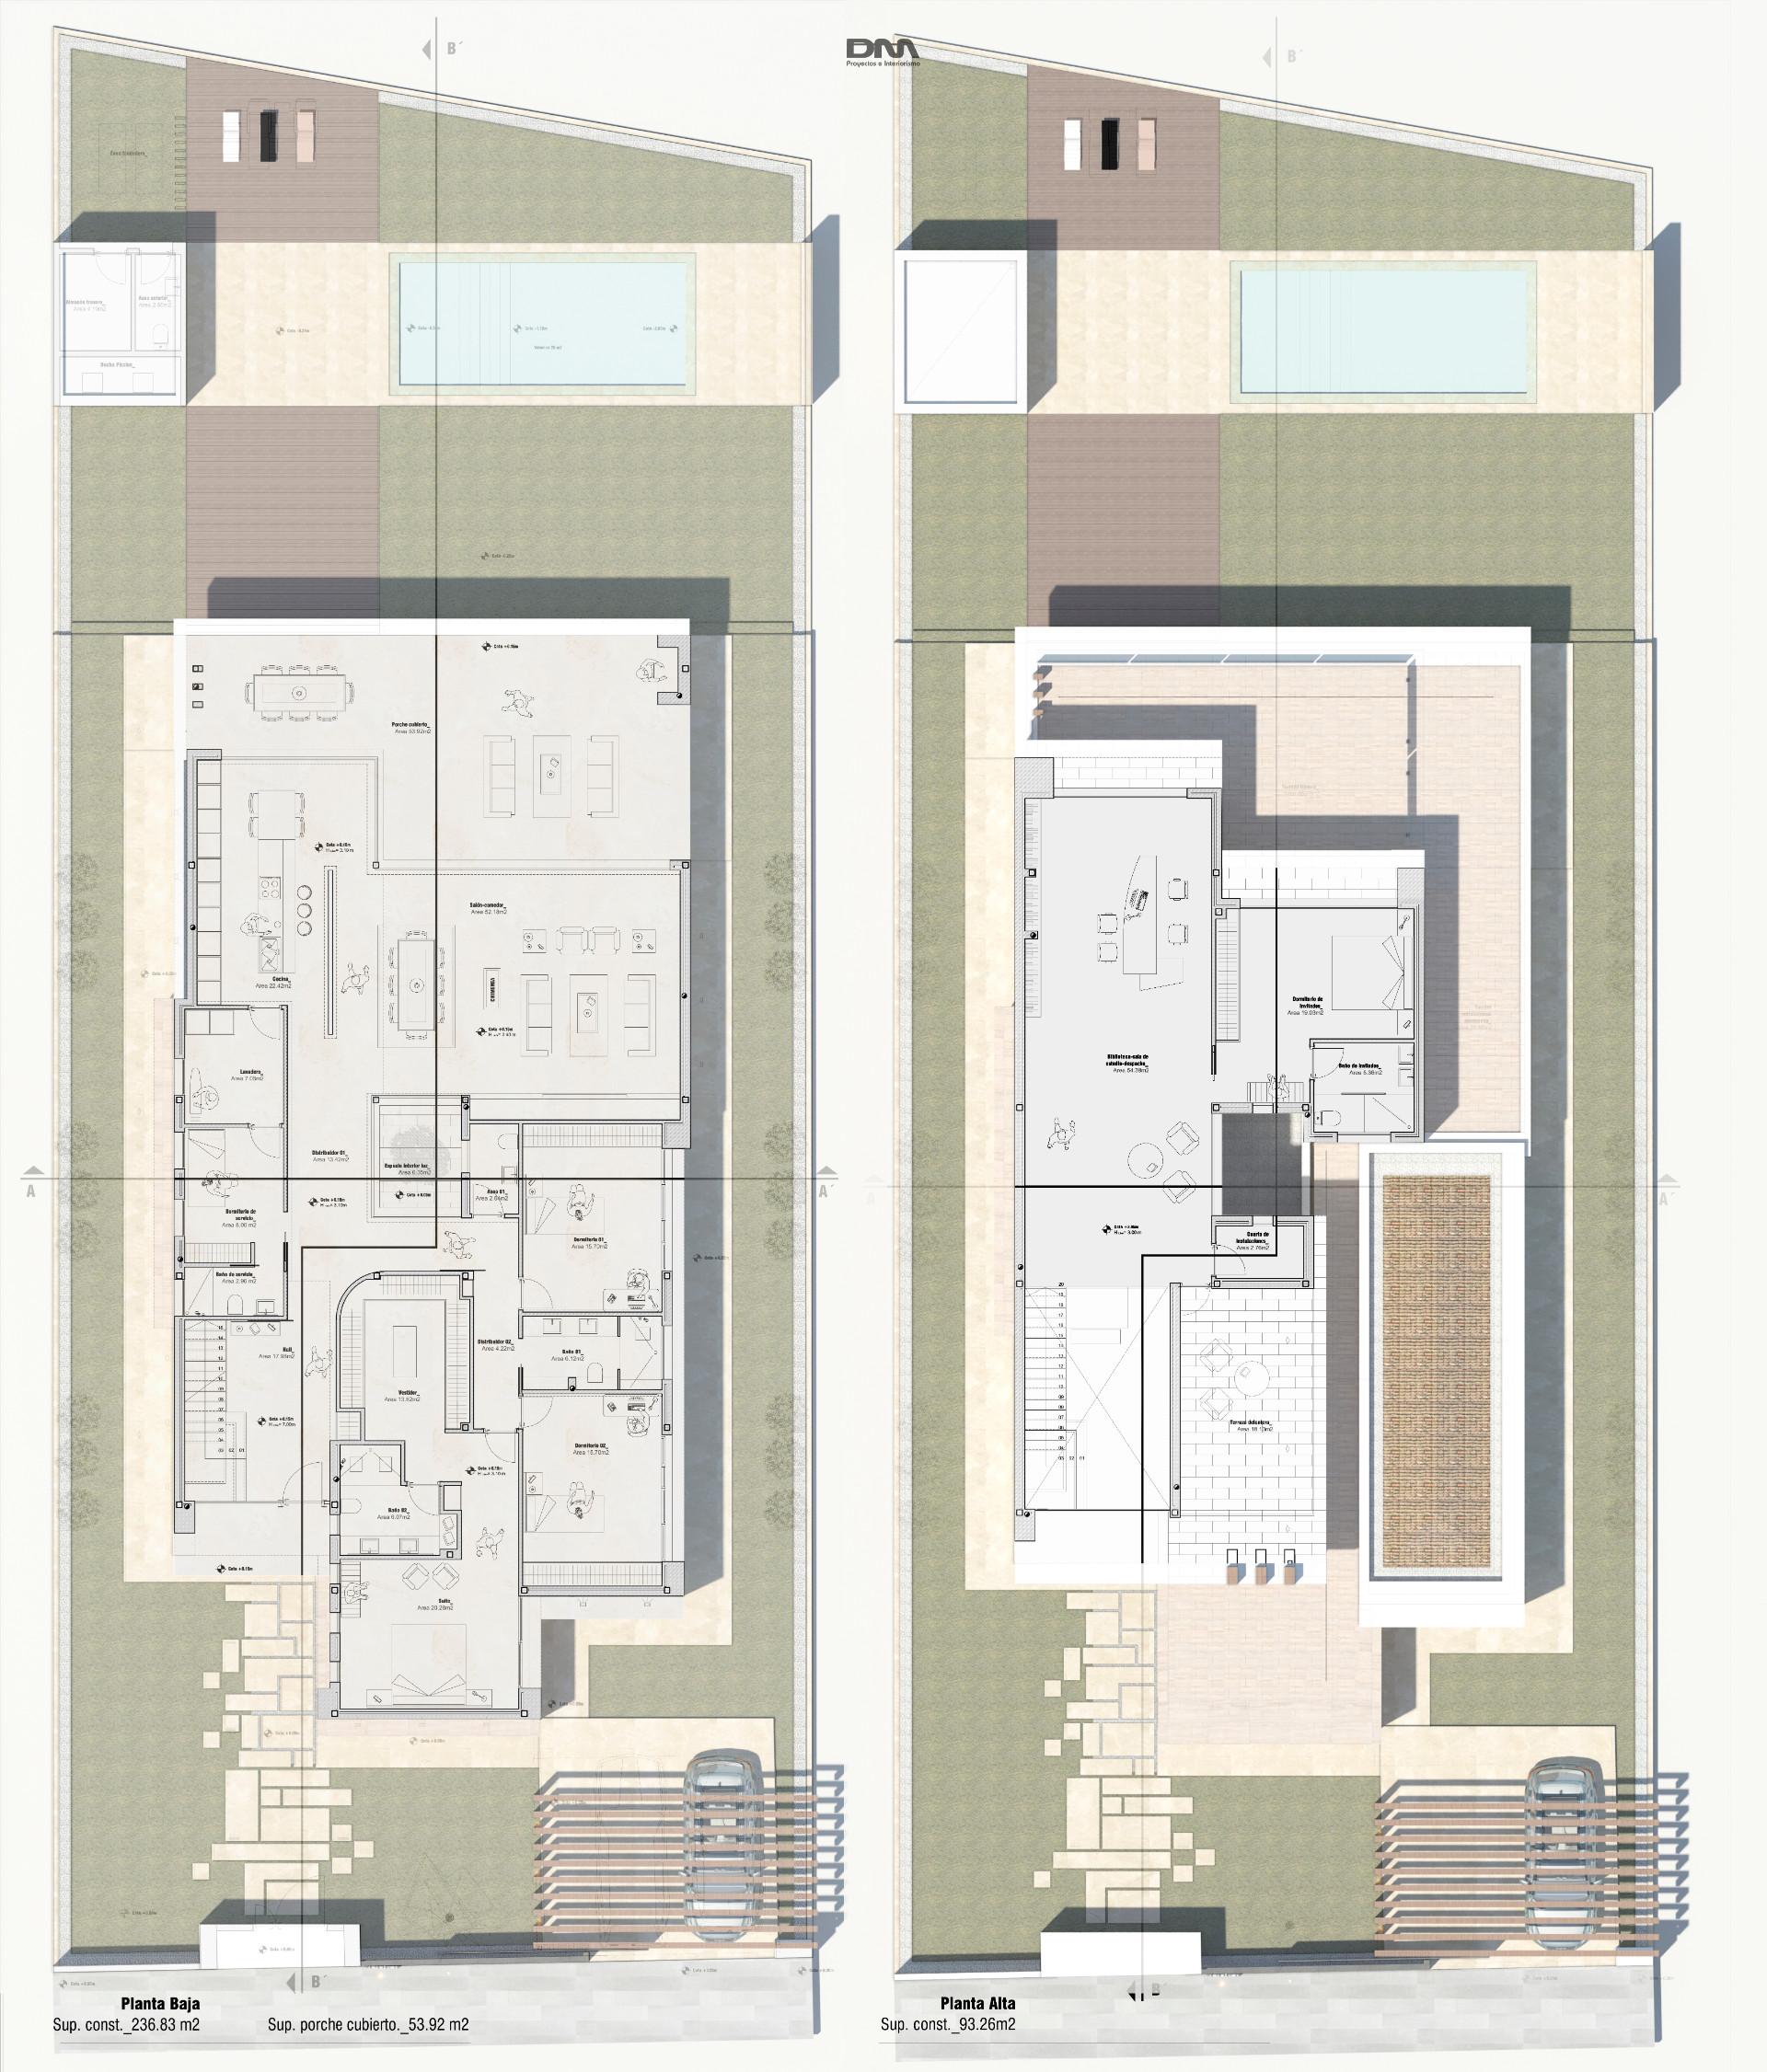 proyectos-interiorismo-interioristas-diseno-interiores-viviendas-particulares-chalets-adosados-lujo-35